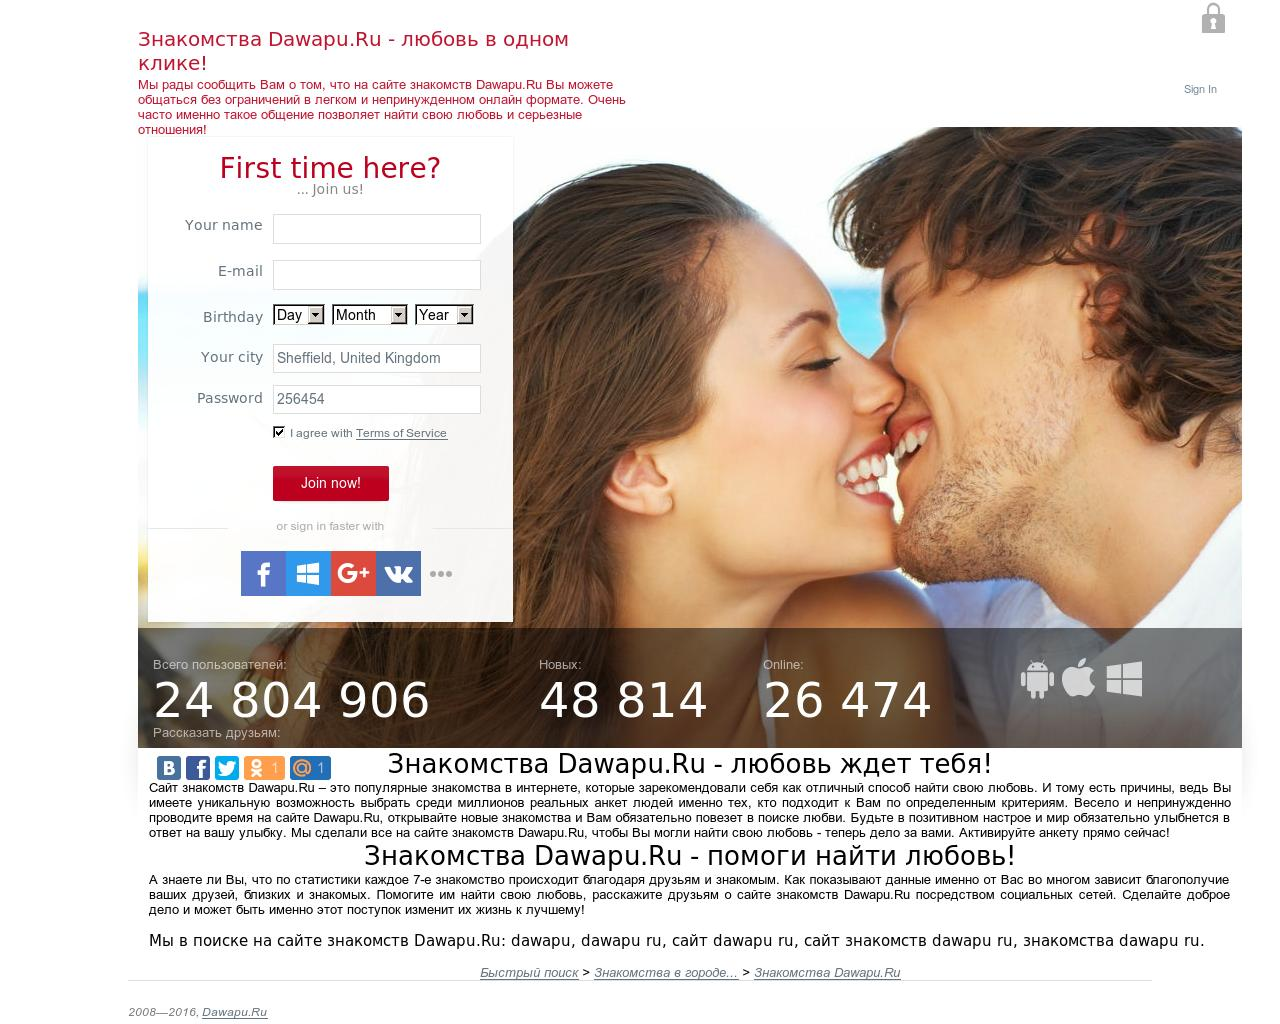 бесплатный сайт знакомств free online dating